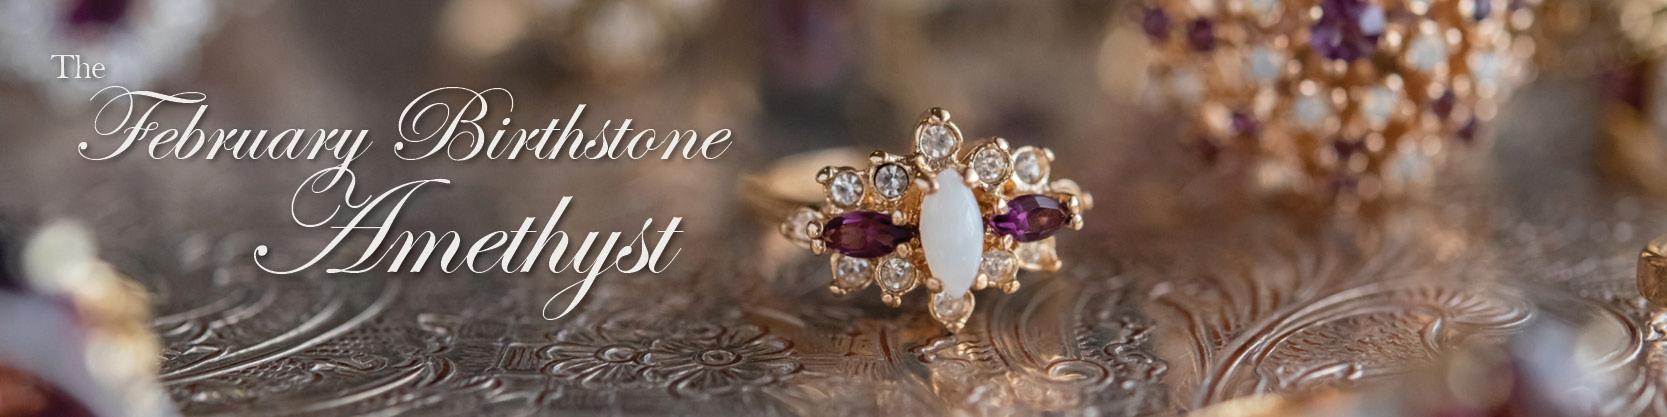 February birthstone vintage amethyst ring - cubic zirconia - clear Swarovski crystals